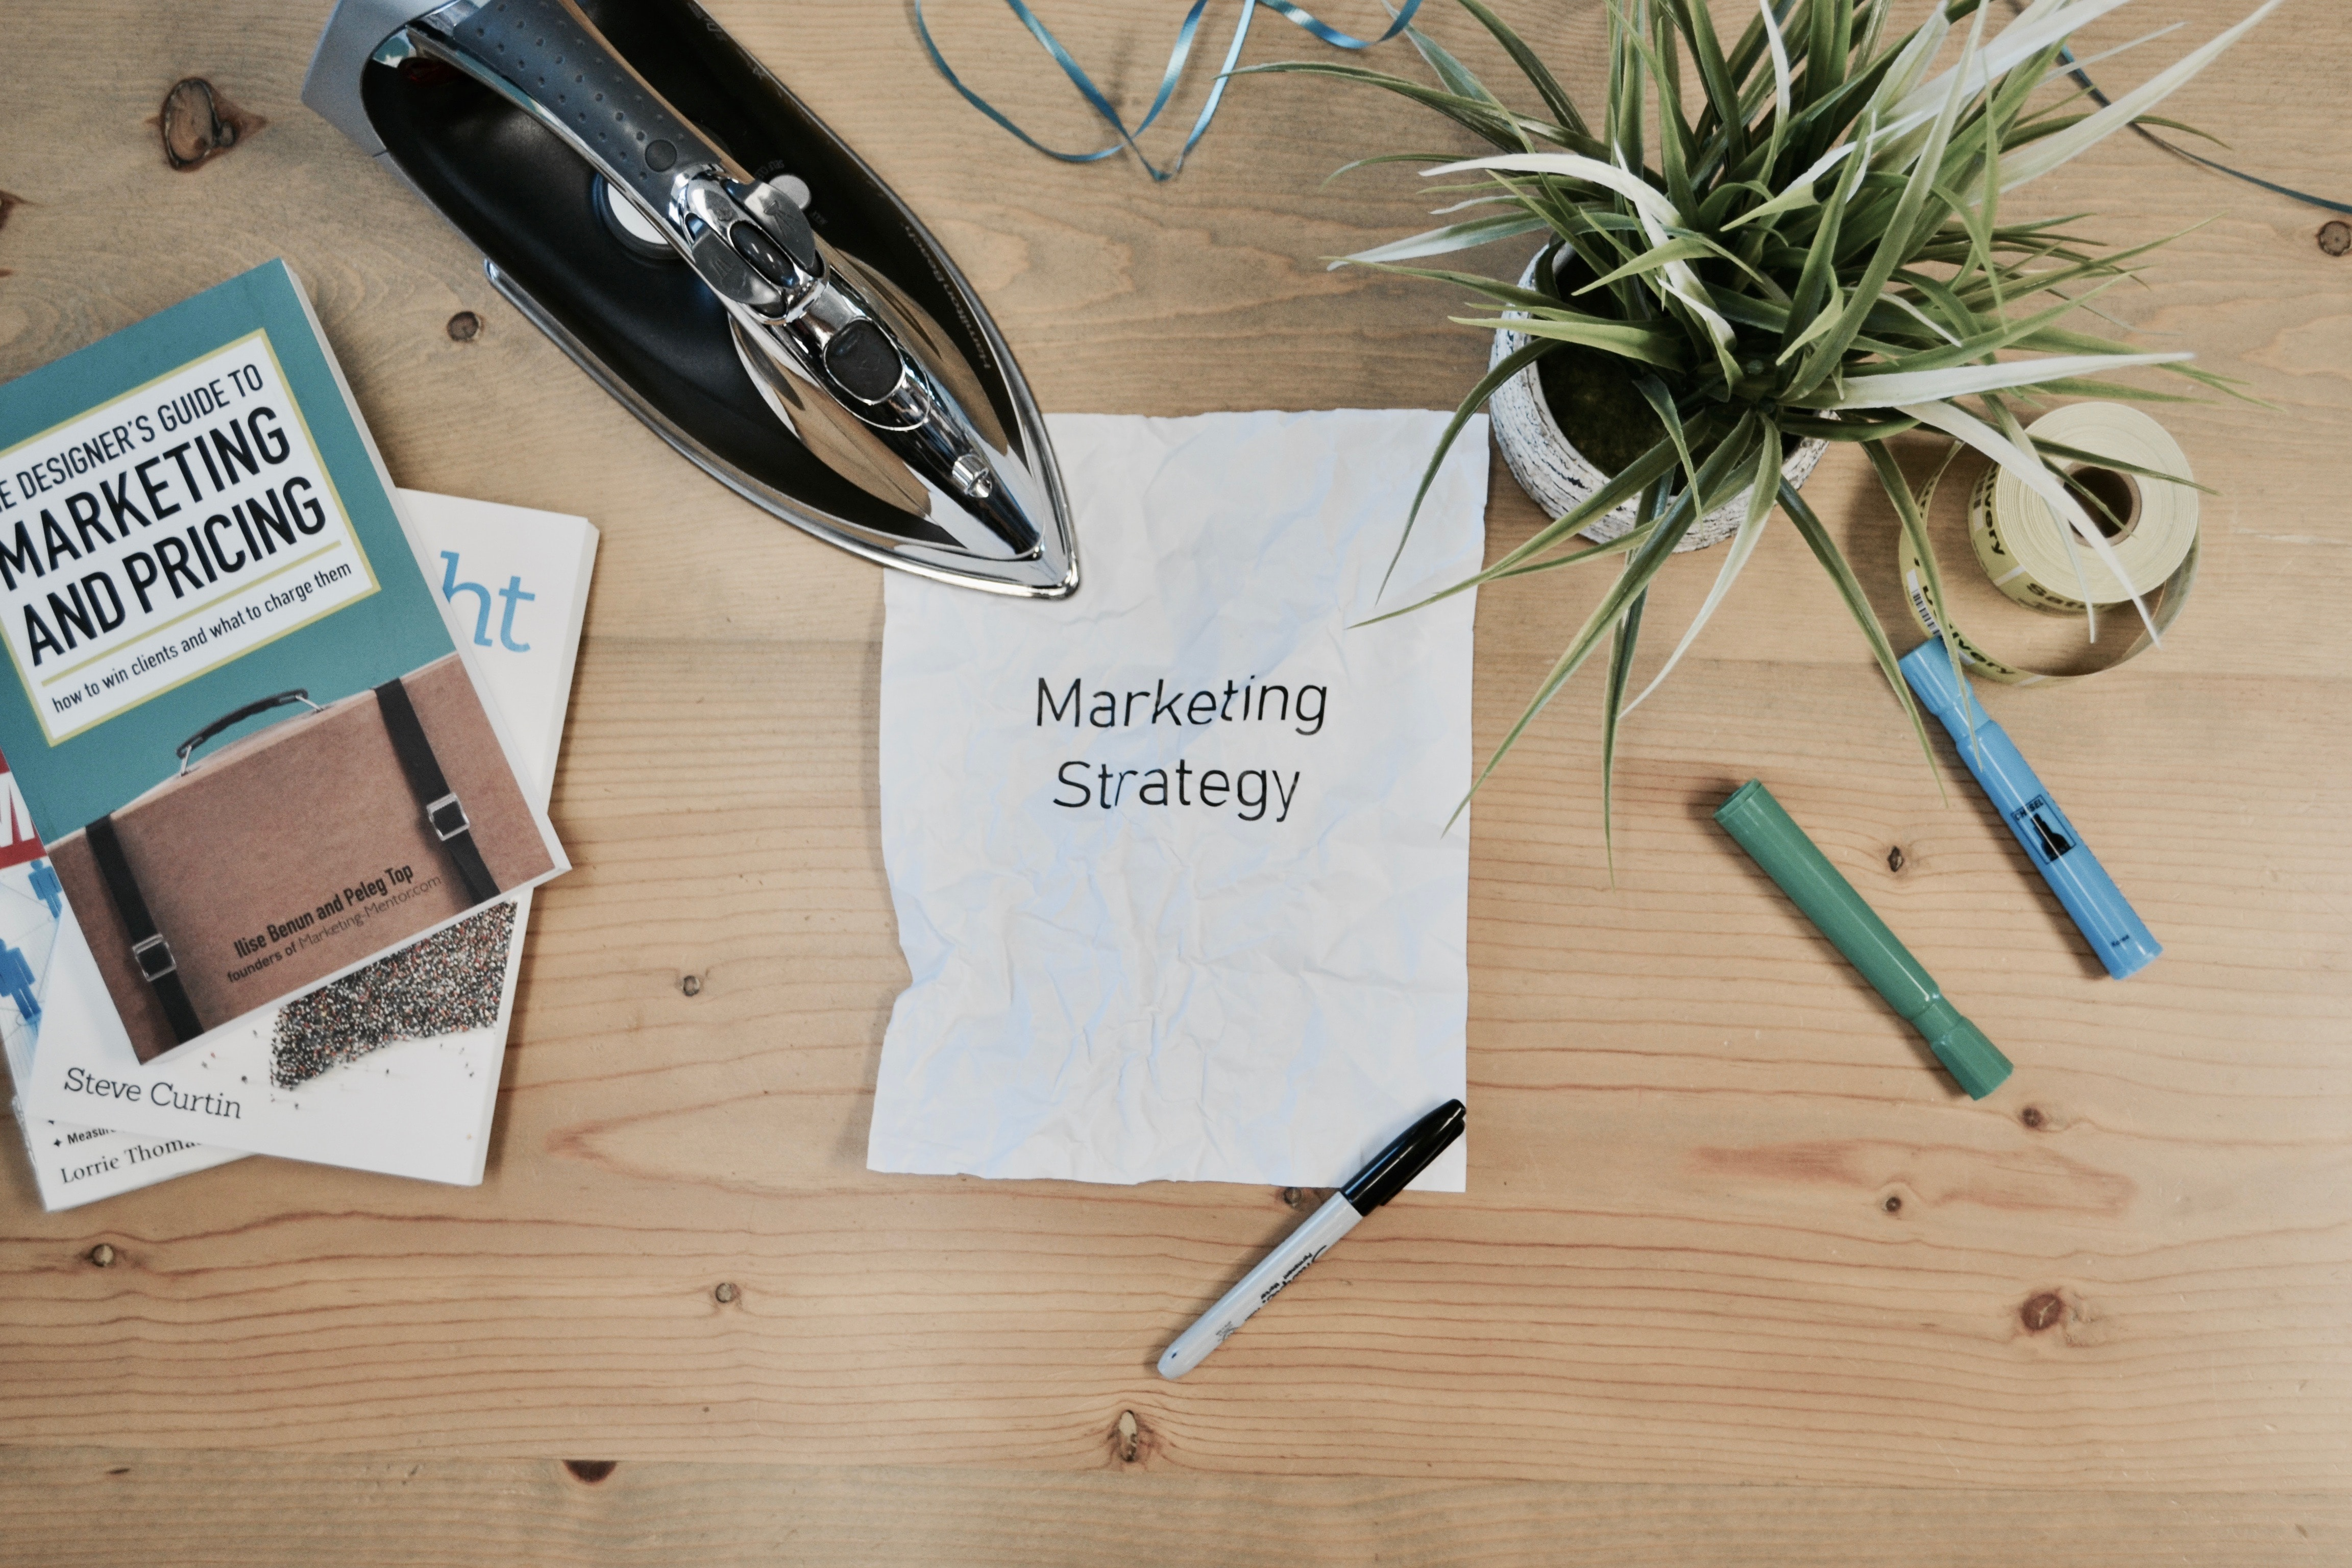 בניית אסטרטגיה שיווקית לעסקים